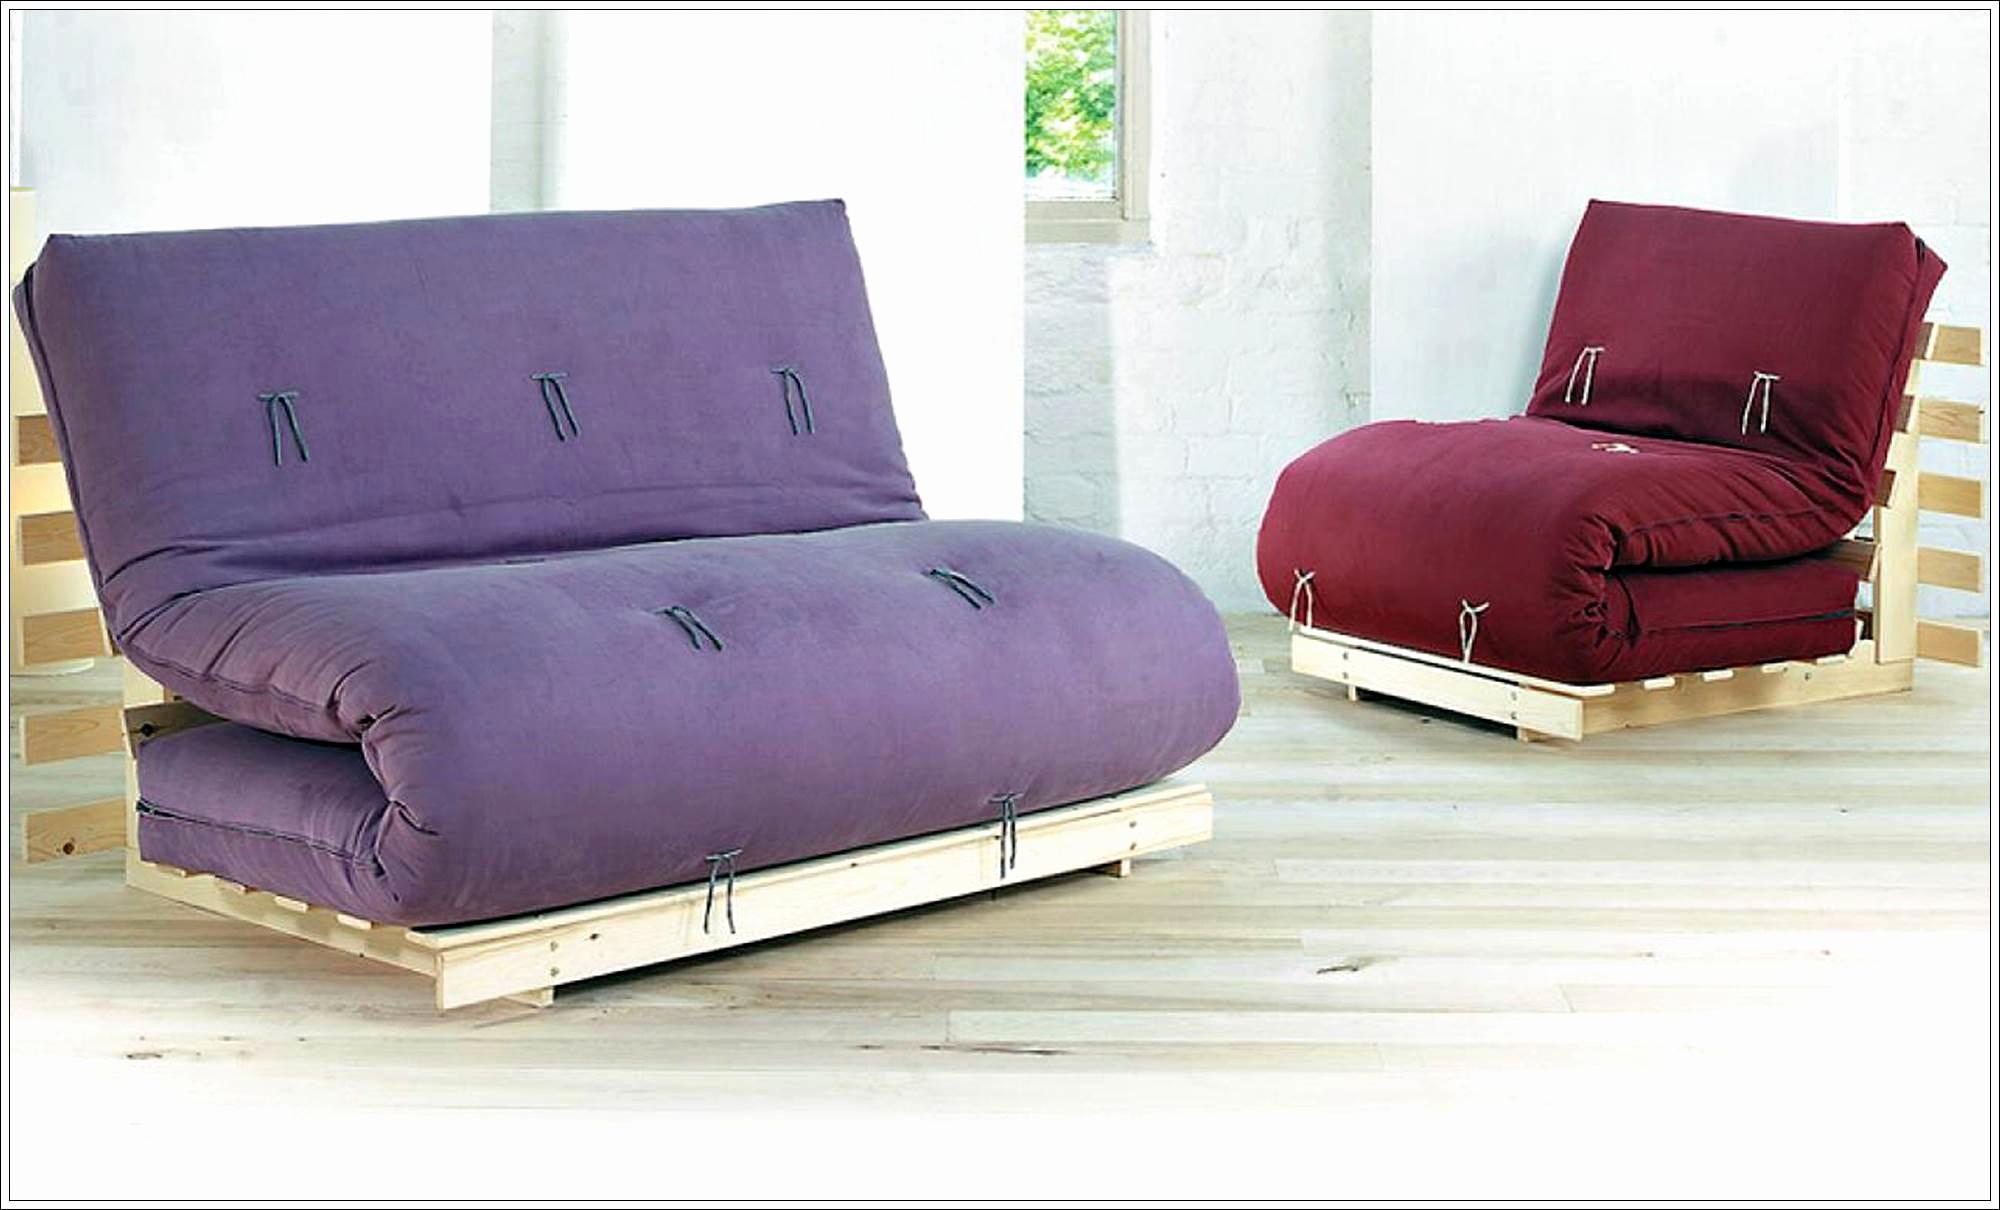 Canapé Ikea Klippan Luxe Photographie 32 Génial Image De Canapé Futon Convertible Intérieur De